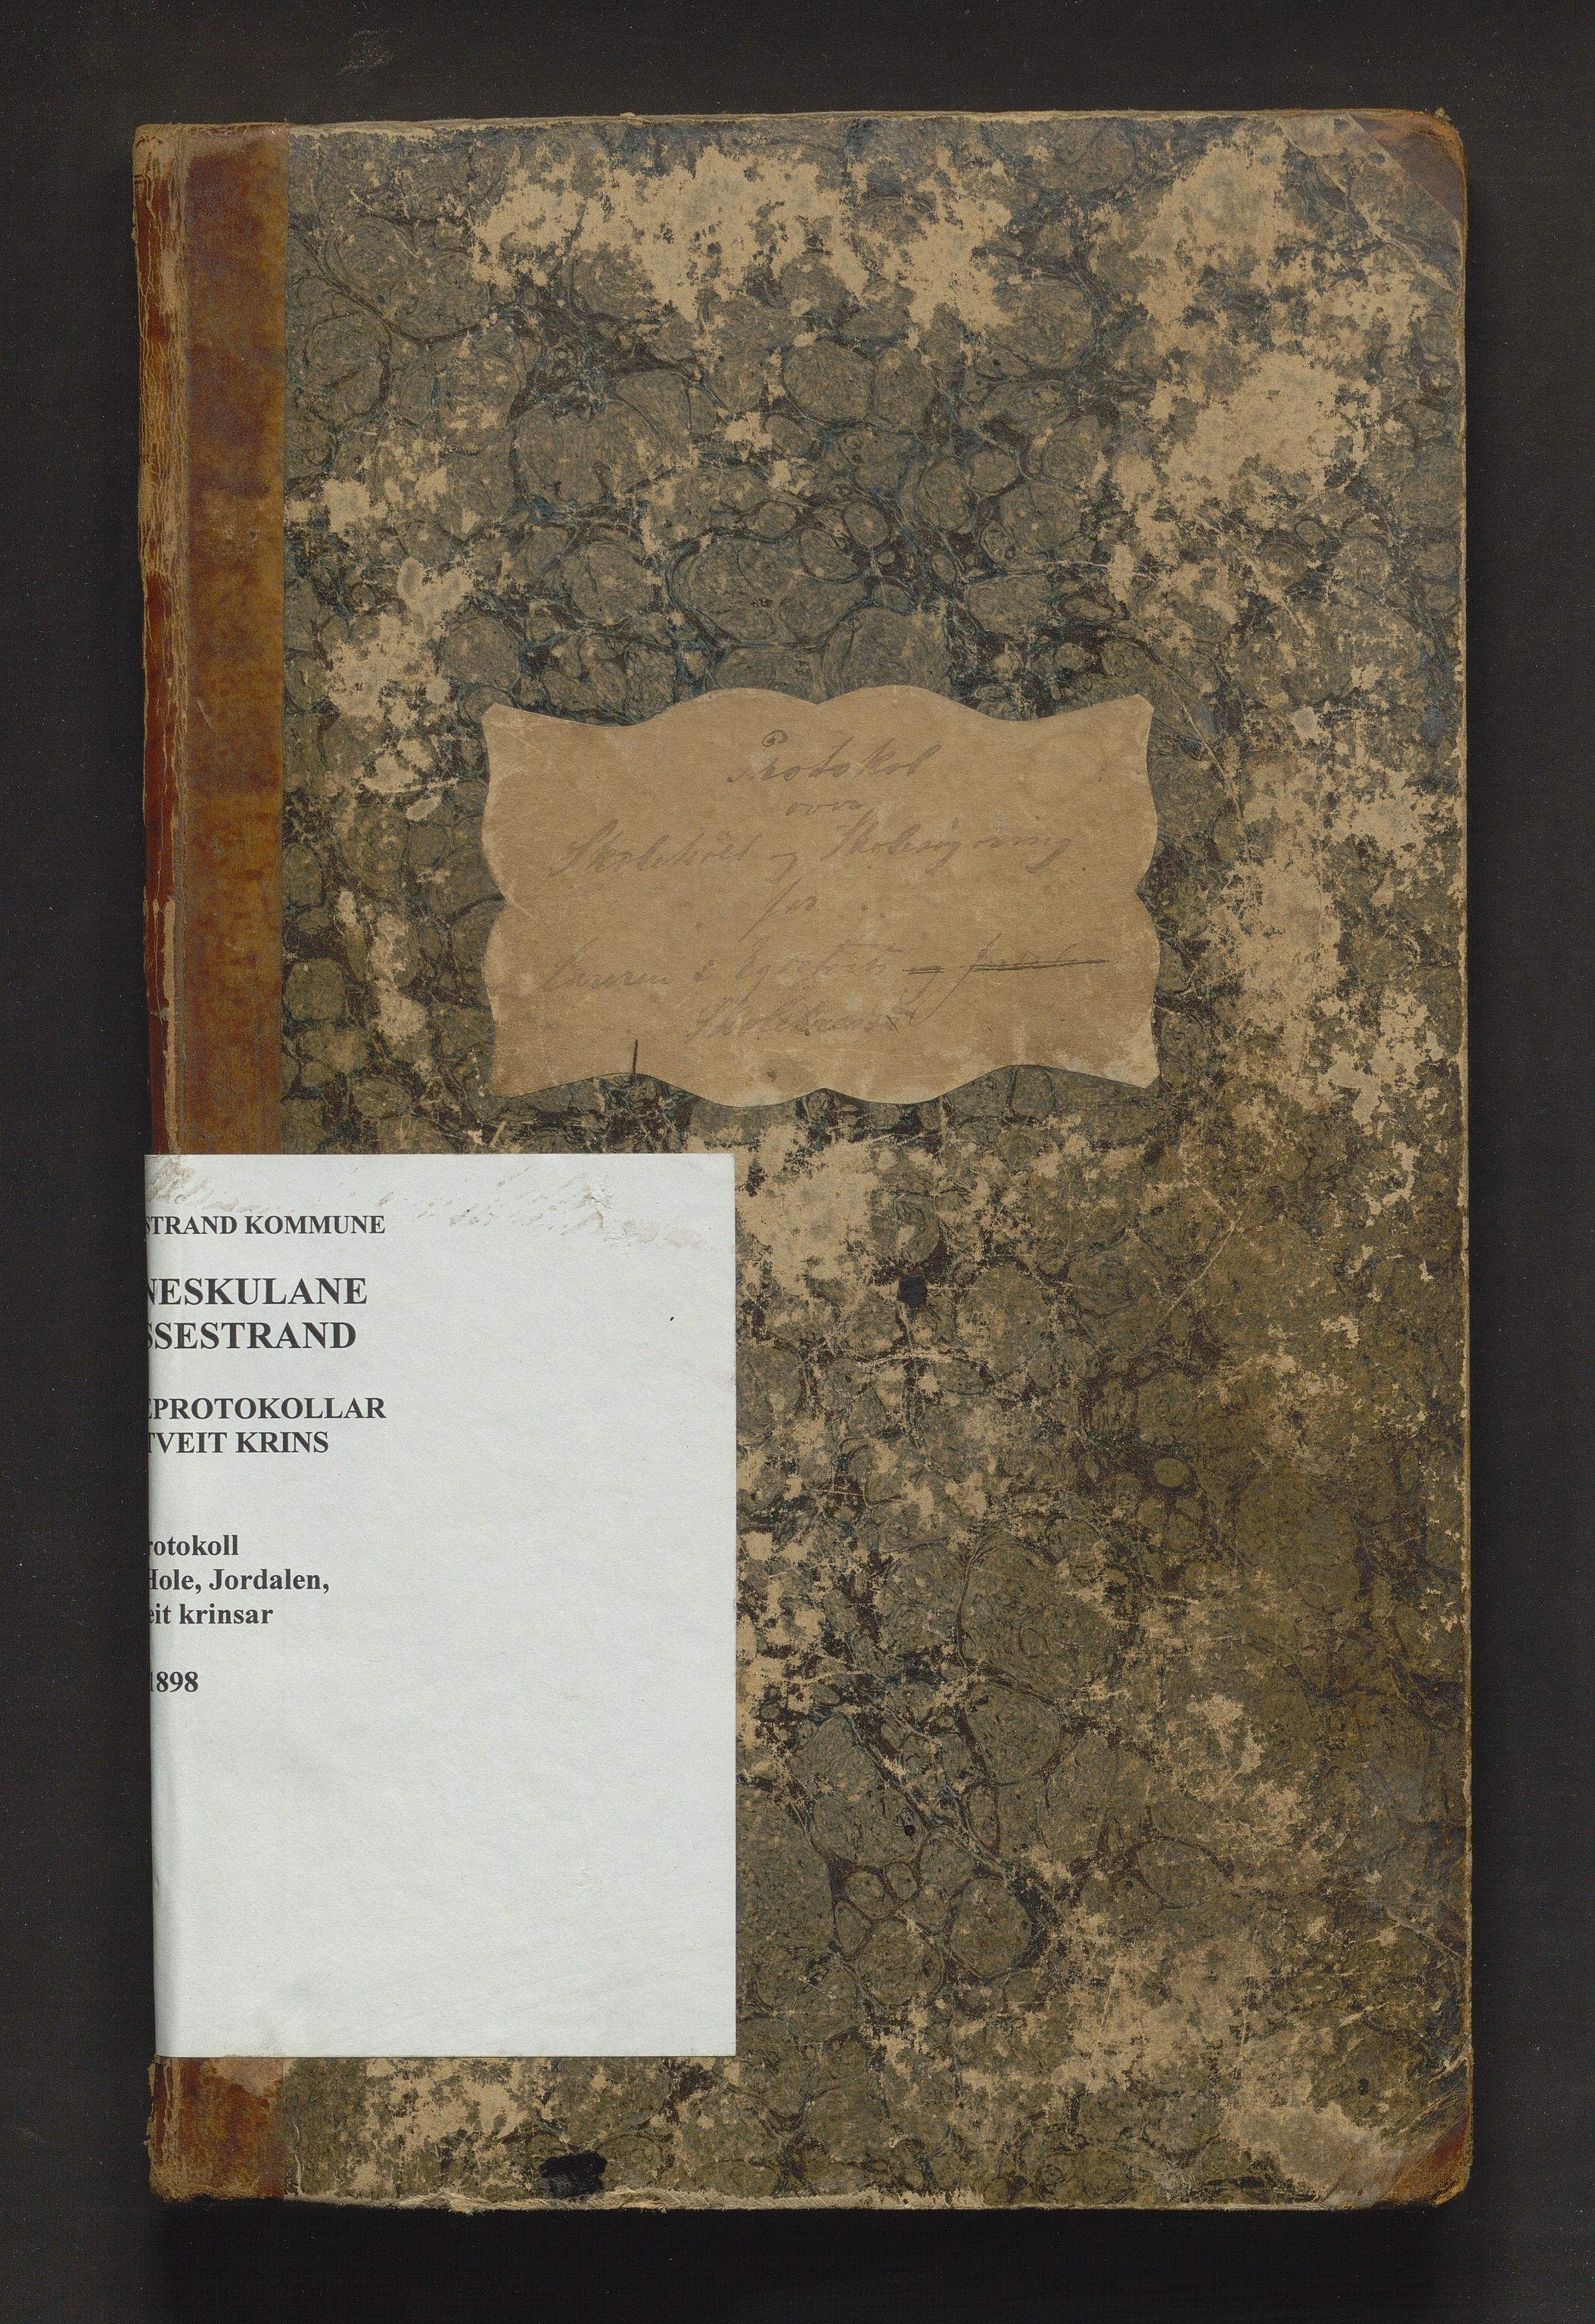 IKAH, Vossestrand kommune. Barneskulane , F/Fe/L0002: Skuleprotokoll for Vinje, Hole, Jordalen og Egdetveit krinsar, 1876-1898